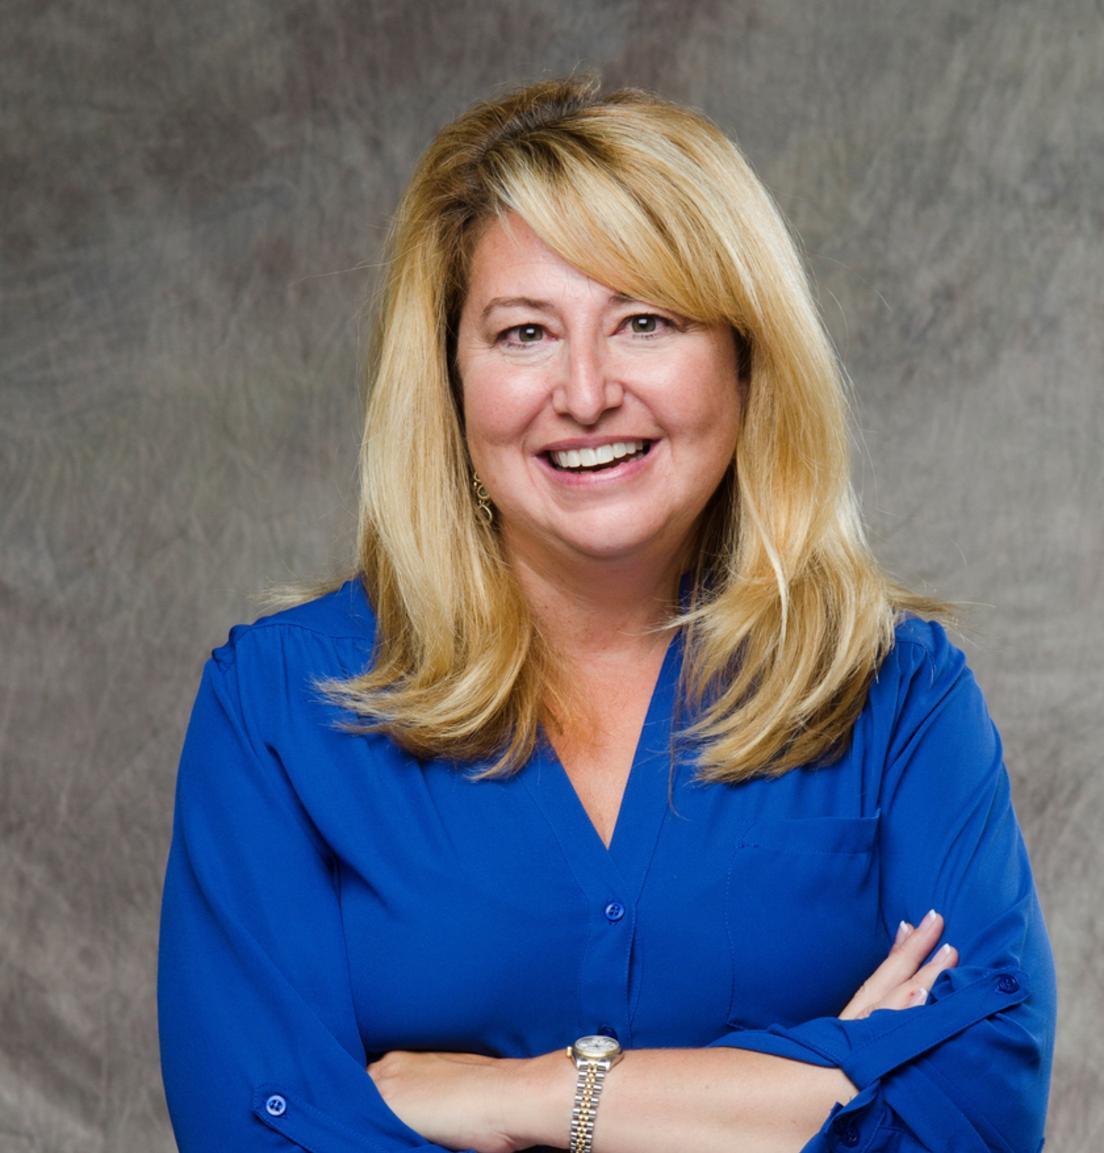 Lisa T. McElroy